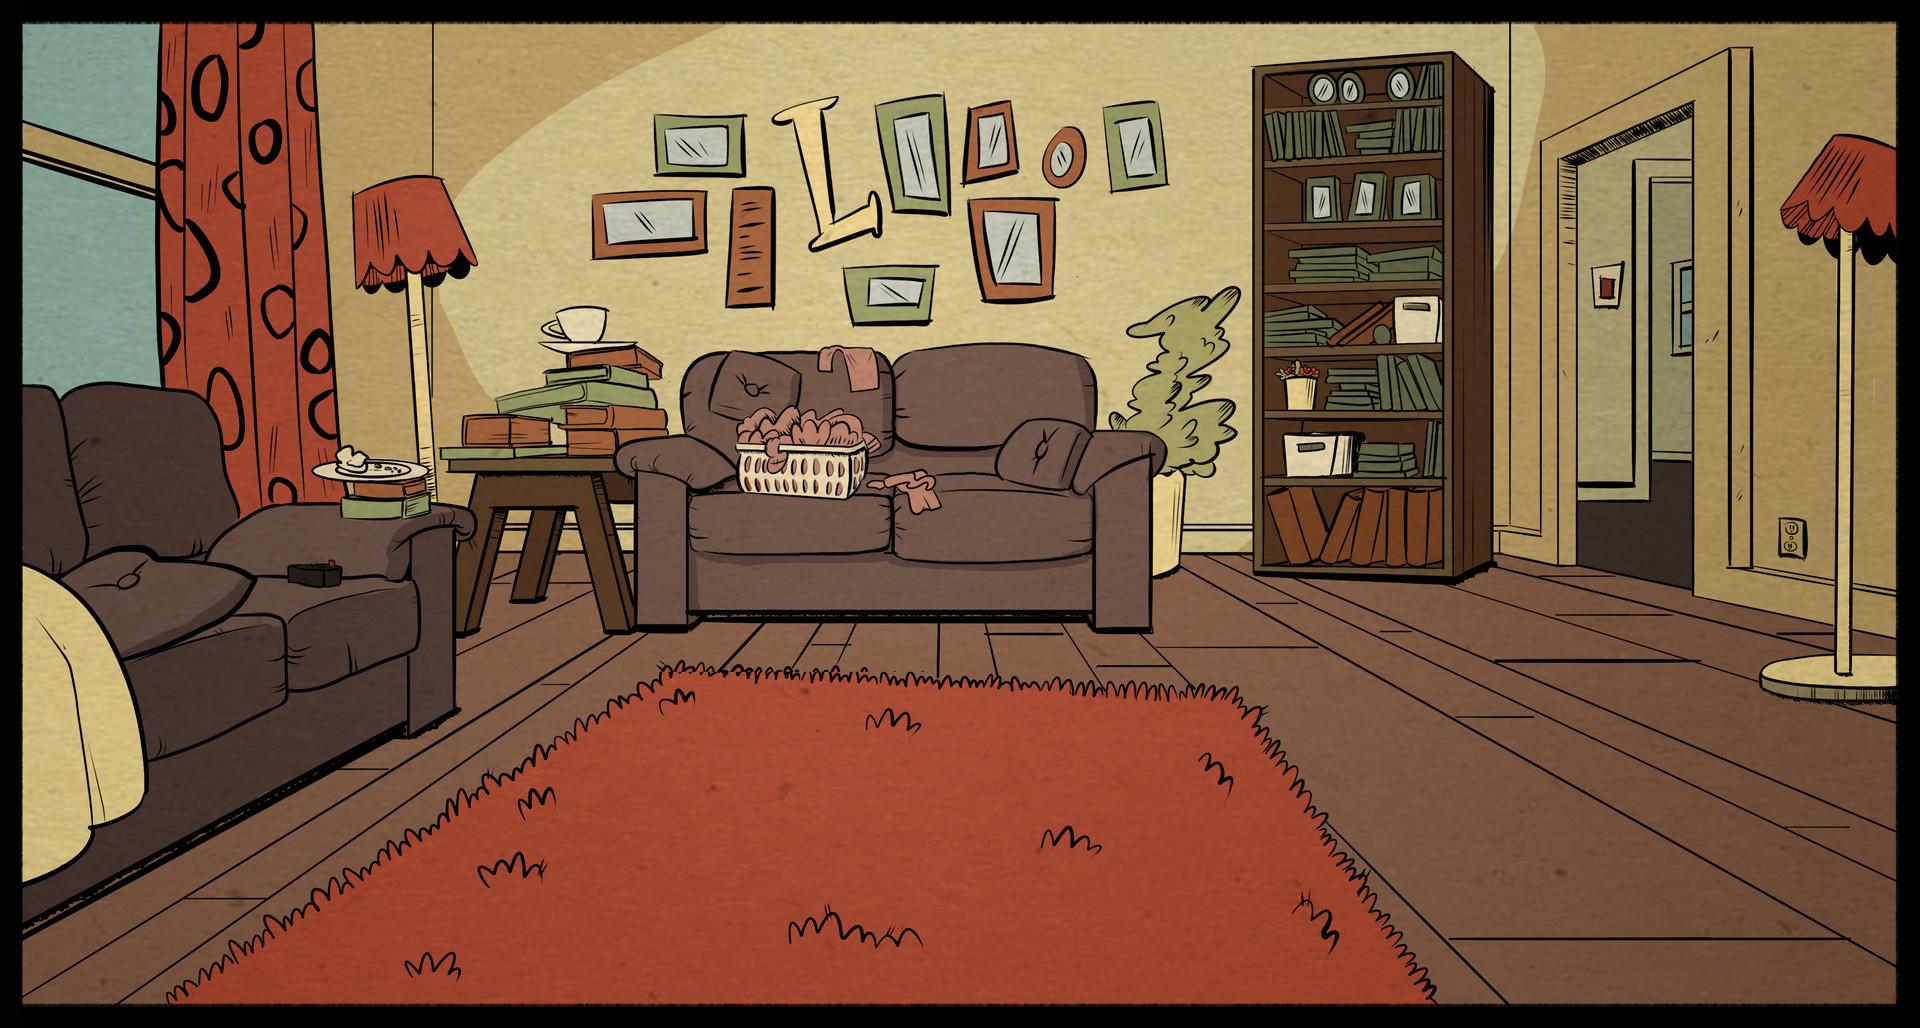 Bipper Gravity Falls Wallpaper Мой шумный дом гостиная Лаудов Мой шумный дом